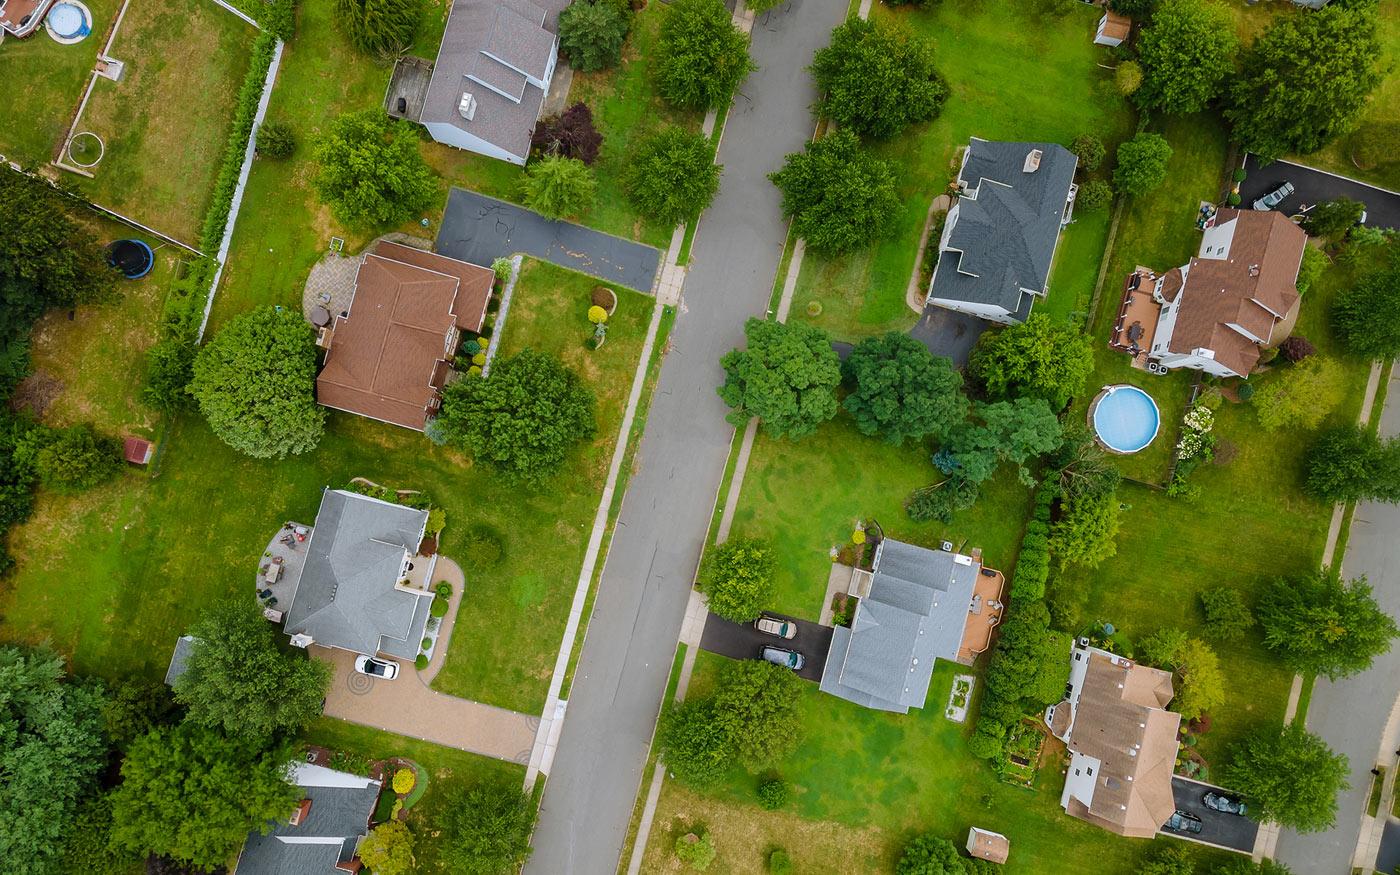 Otthon Centrum: továbbra is a fővárosi agglomeráció a legkedveltebb ingatlanpiaci célpont